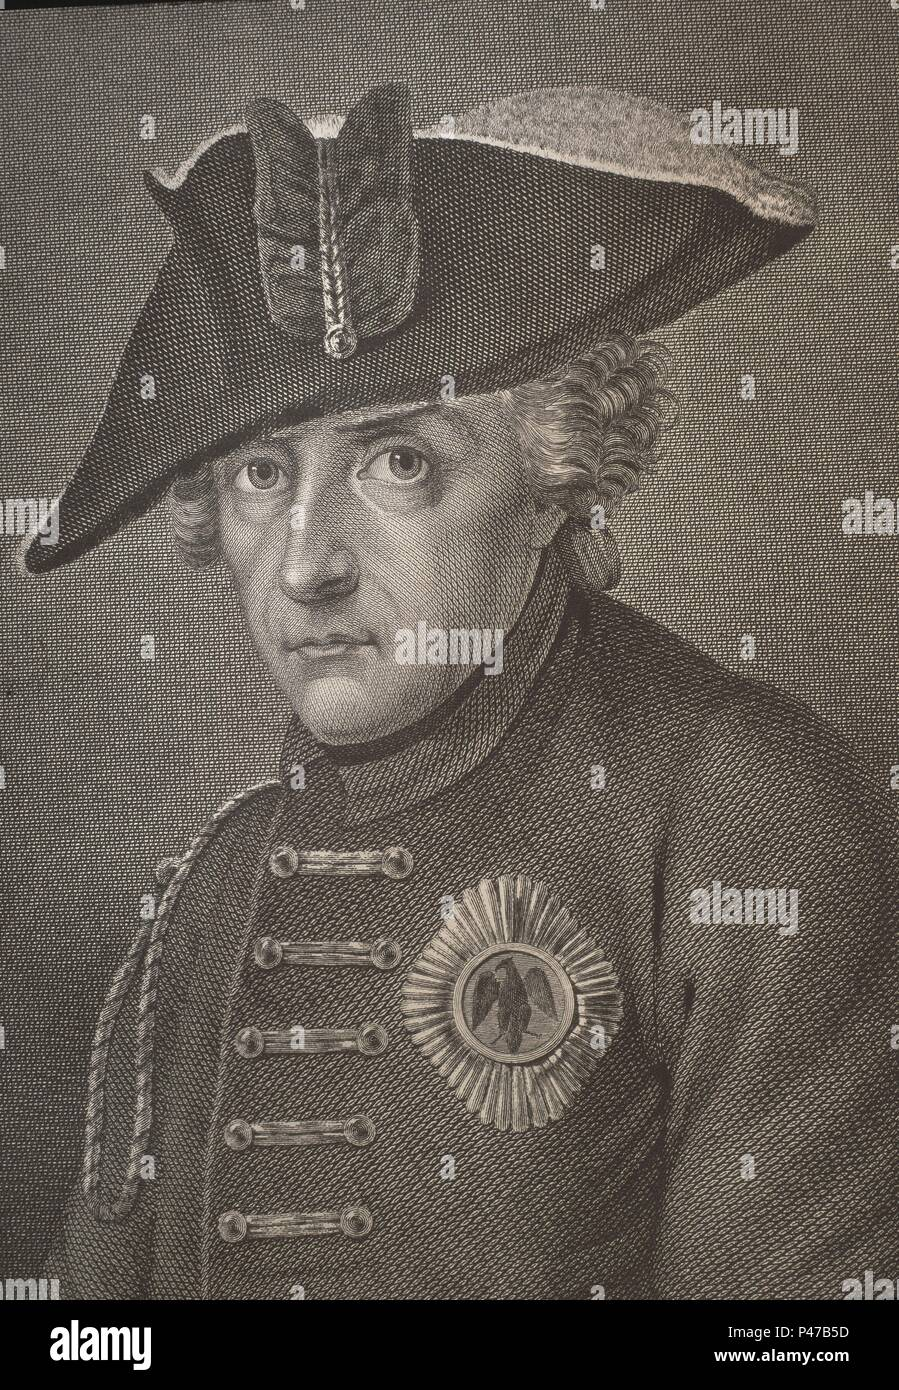 FEDERICO II EL GRANDE -(1712-1786) REY DE PRUSIA. Location: BIBLIOTECA NACIONAL-COLECCION, MADRID, SPAIN. - Stock Image